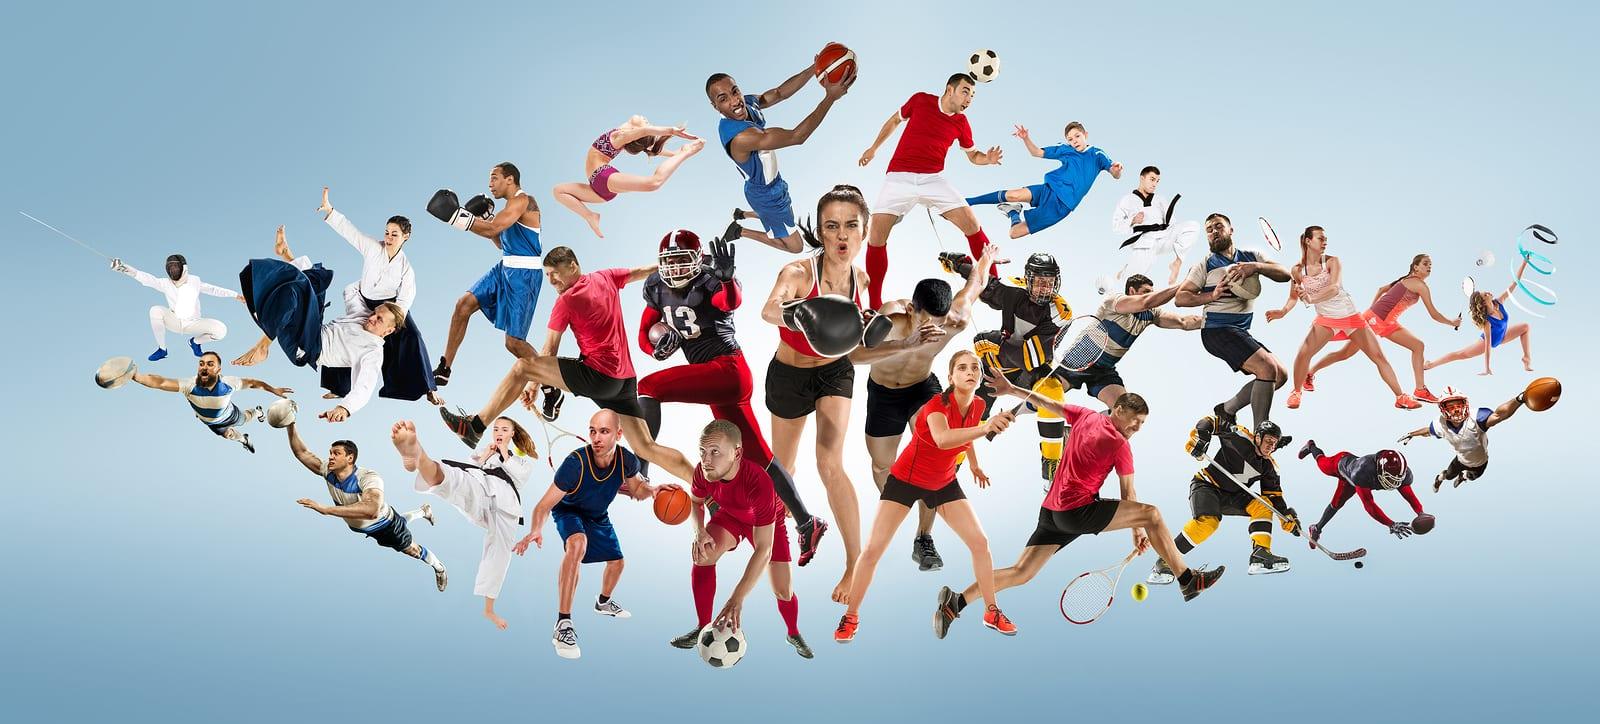 Городская Акция фотоколлажей «Эмоции спорта», посвященная международному Дню спорта